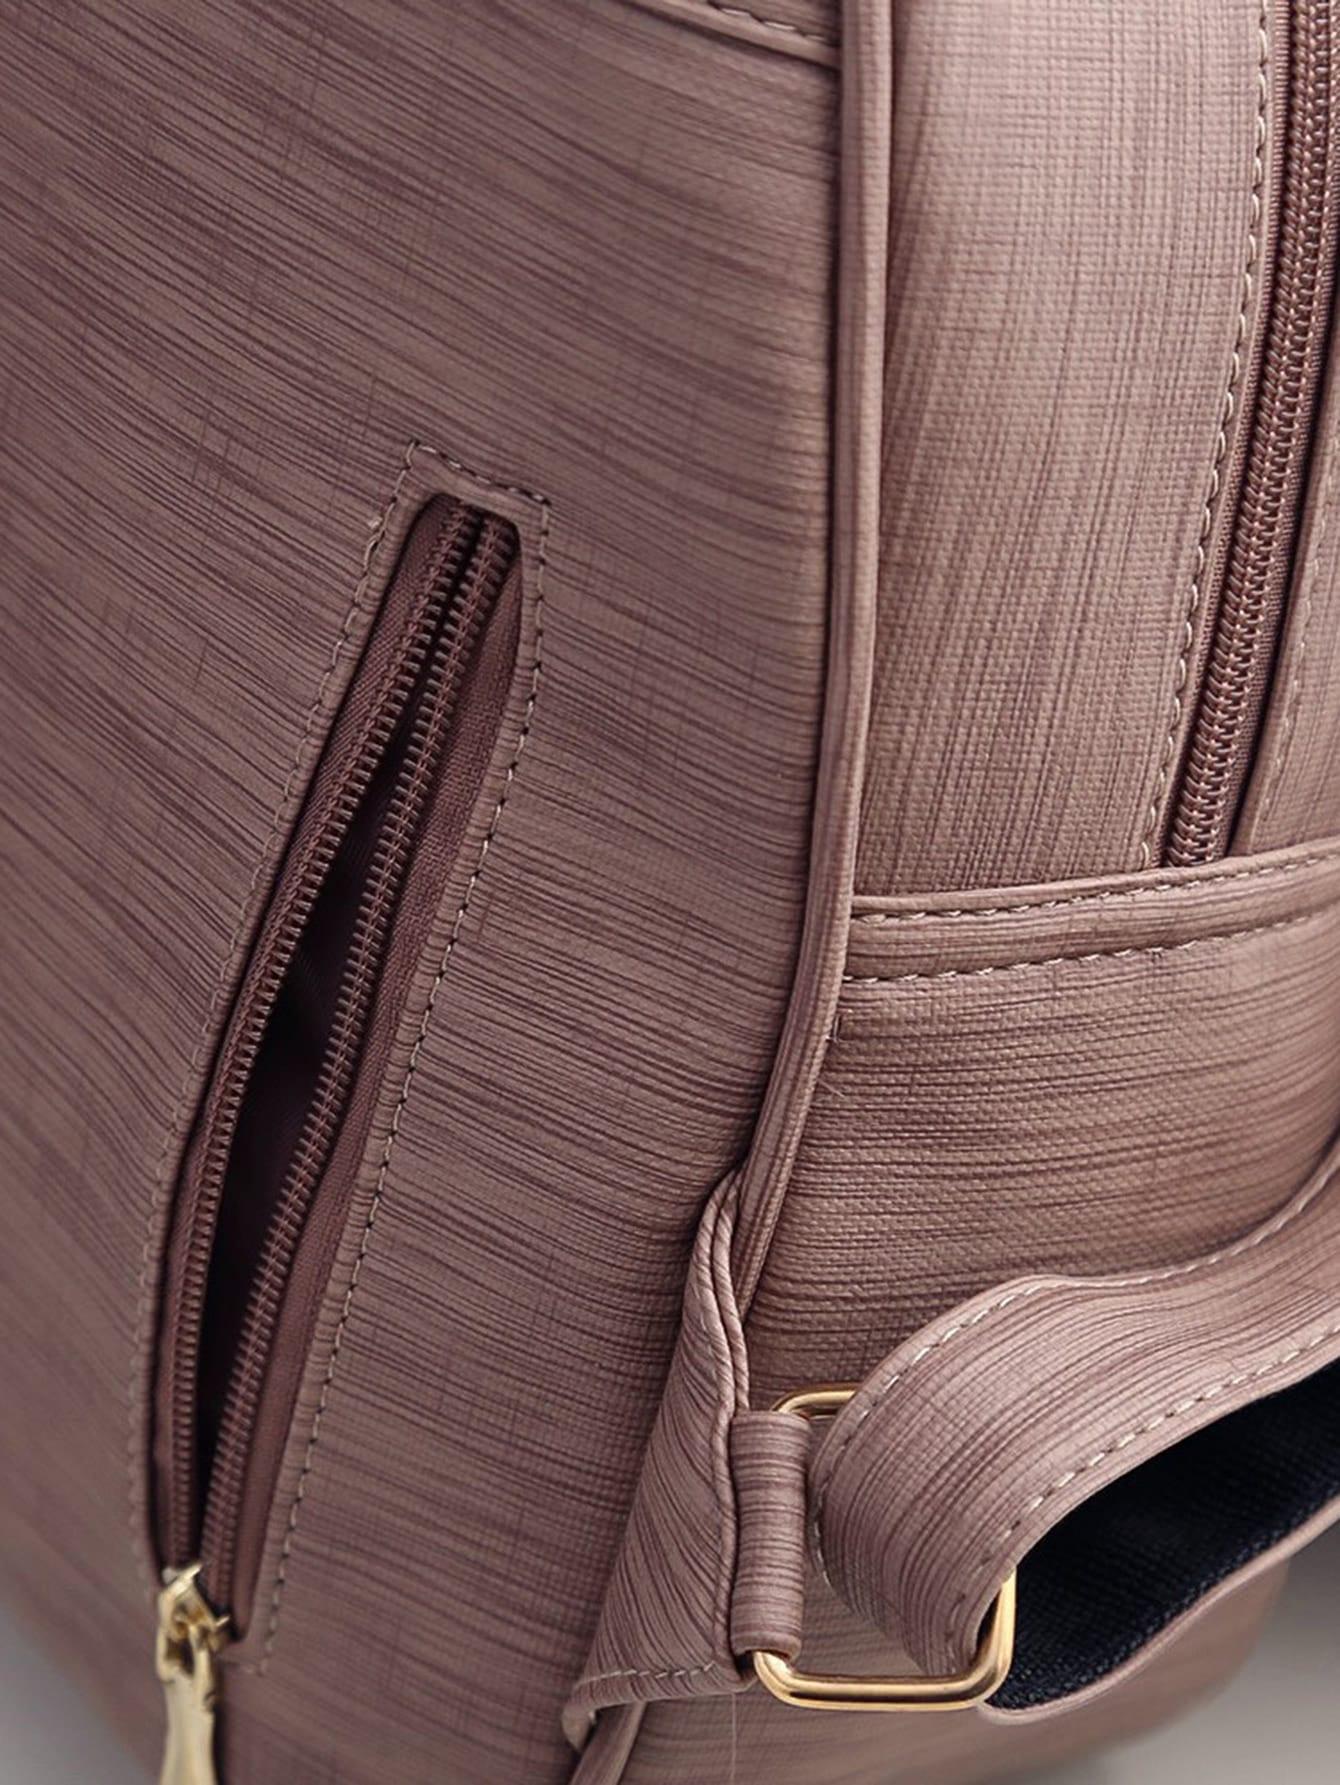 taschen set rucksack beutel portemonnaie mit schn rung. Black Bedroom Furniture Sets. Home Design Ideas